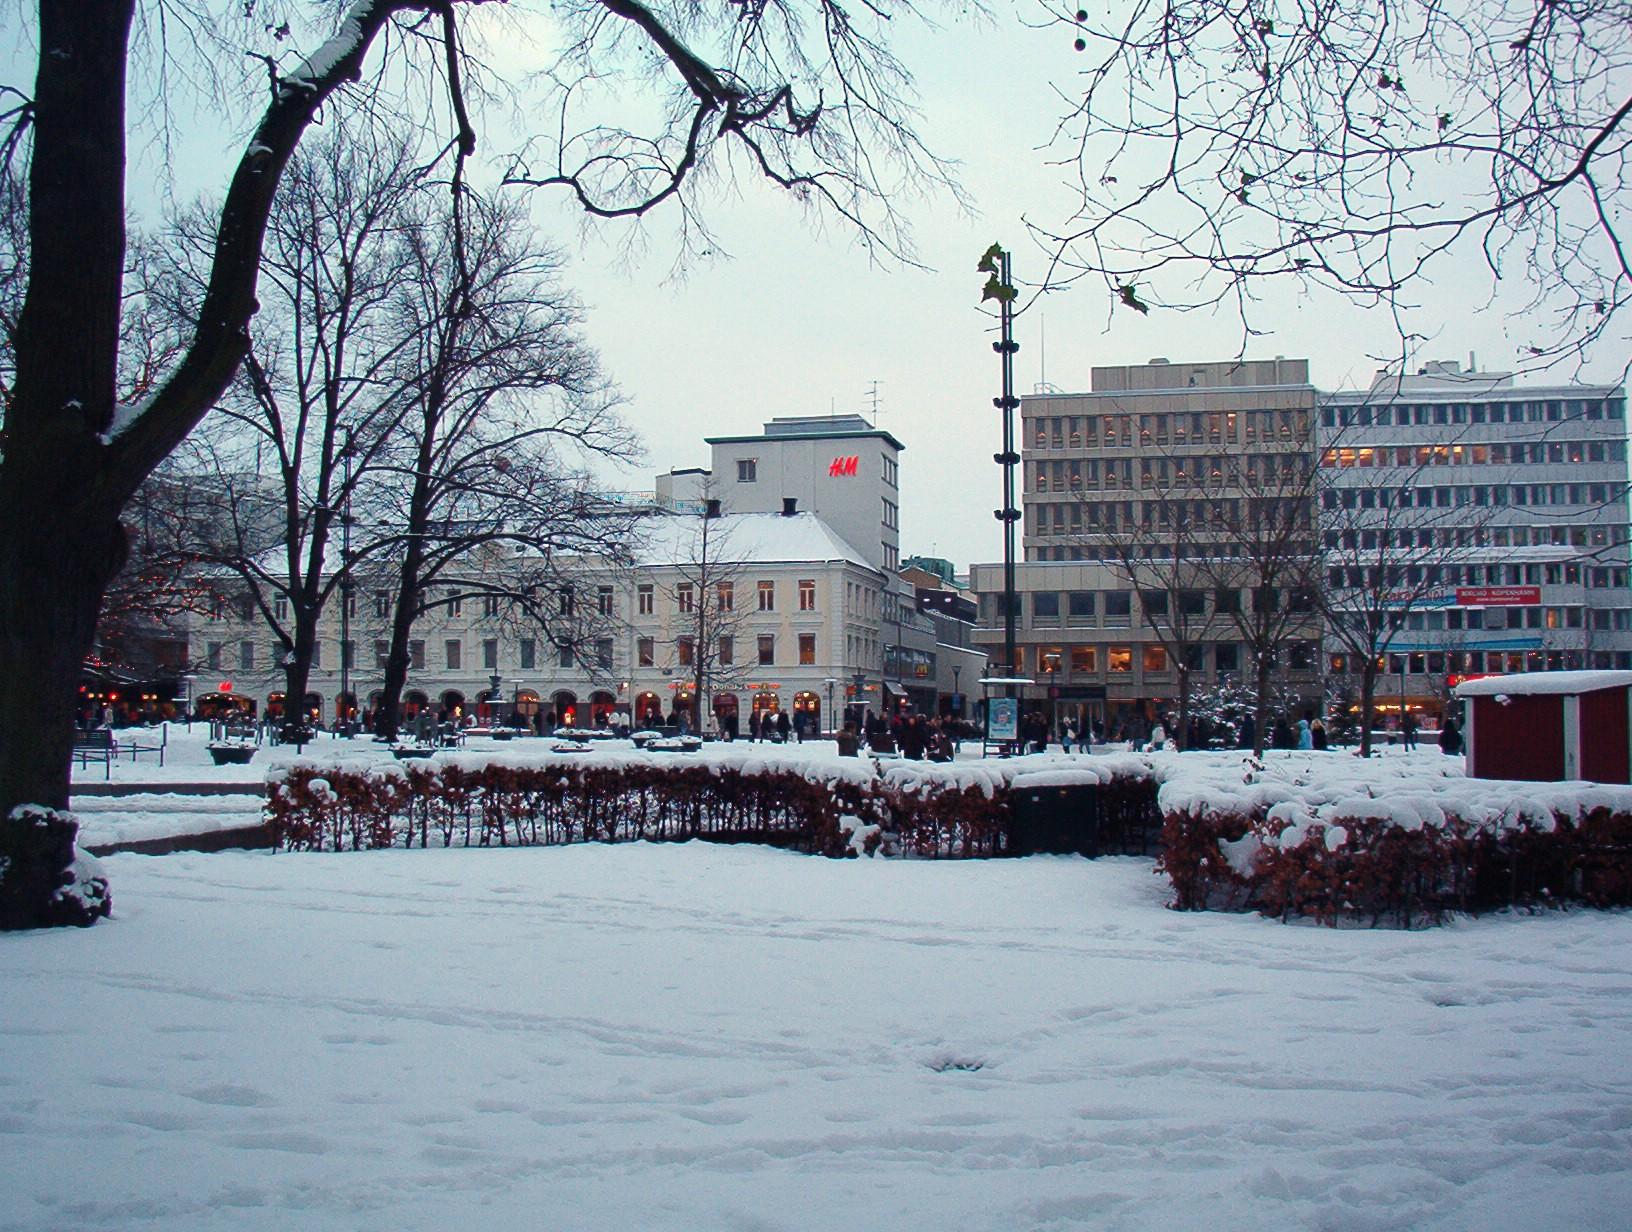 c5c140d89c8e File:Gustav Adolfs Torg, Malmö, Sweden, snowy.jpg - Wikimedia Commons